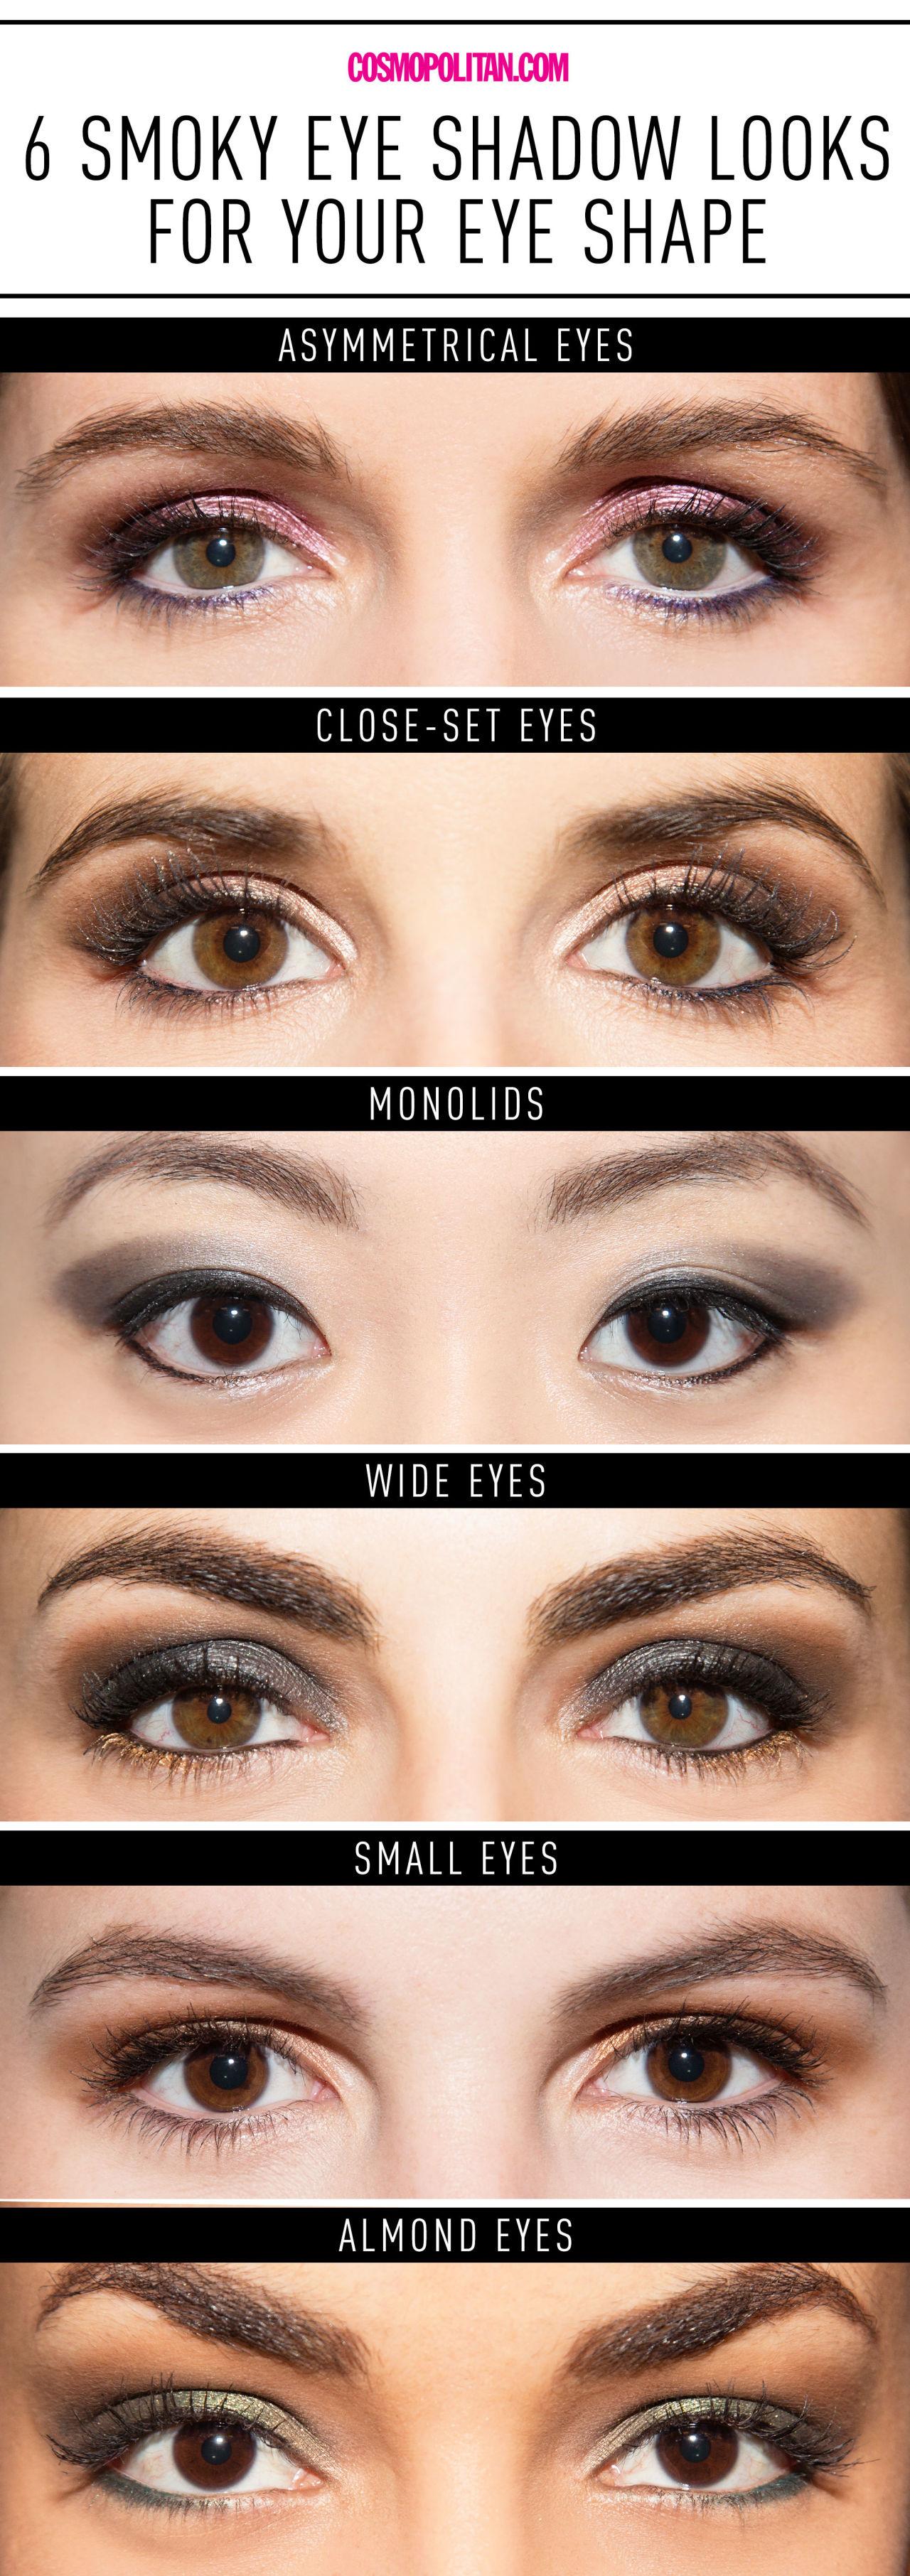 ¿Cómo obtener el perfecto - ojo ahumado - mira